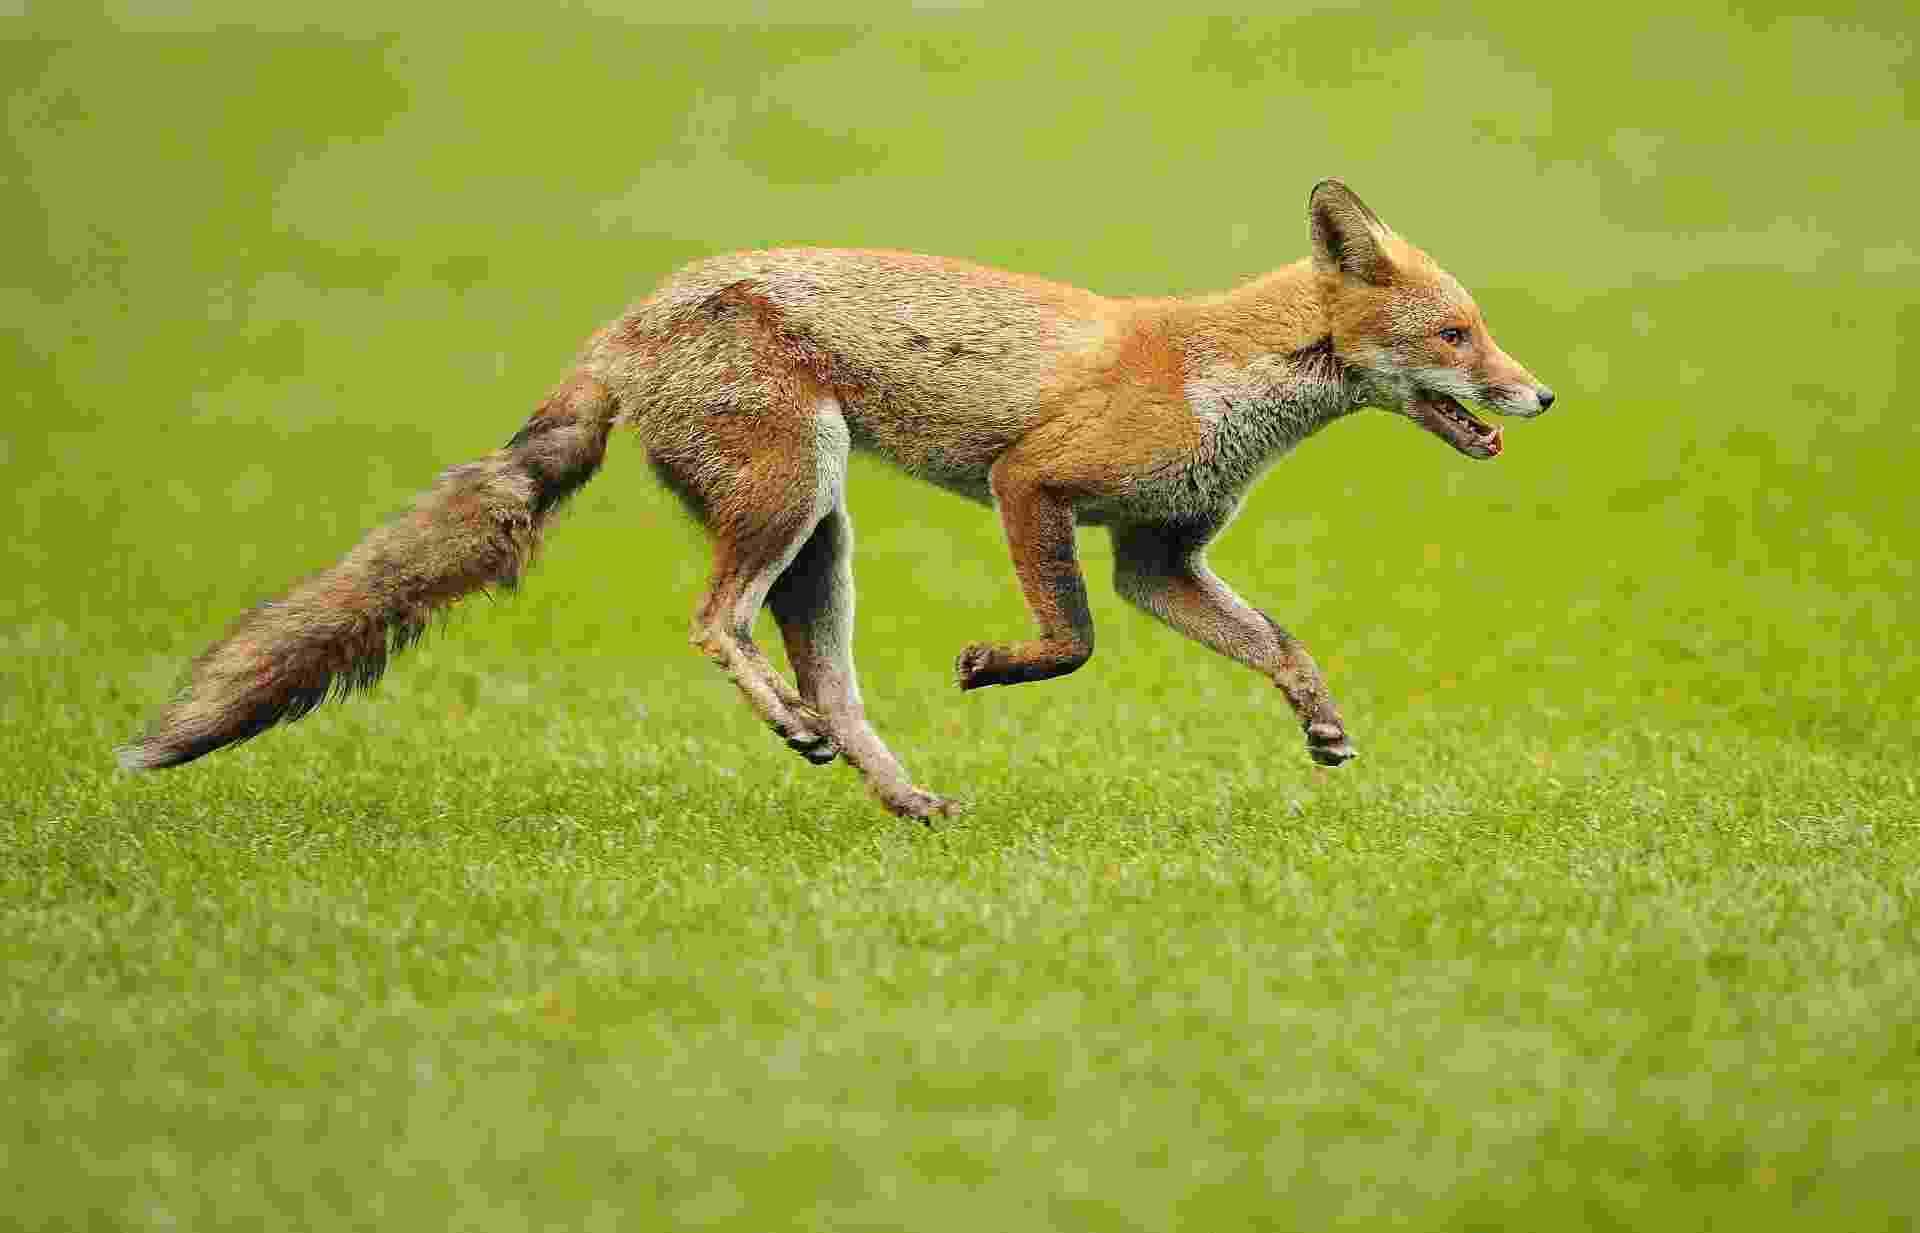 5.set.2013 - Cerca de dez mil raposas vivem nos parques e nas ruas de Londres, que corresponde a um terço das raposas 'urbanas' do Reino Unido, segundo recente pesquisa da Universidade de Bristol, na Inglaterra. E sete em cada dez londrinos (70% dos entrevistados) já admitiram ter visto uma raposa saltitante na capital britânica no período da última semana. Para ambientalistas, isso significa risco aos animais, já que a expectativa de vida cai de 14 anos dos que estão em cativeiro para não mais do que 2 anos das espécimes urbanas - Carl de Souza/AFP